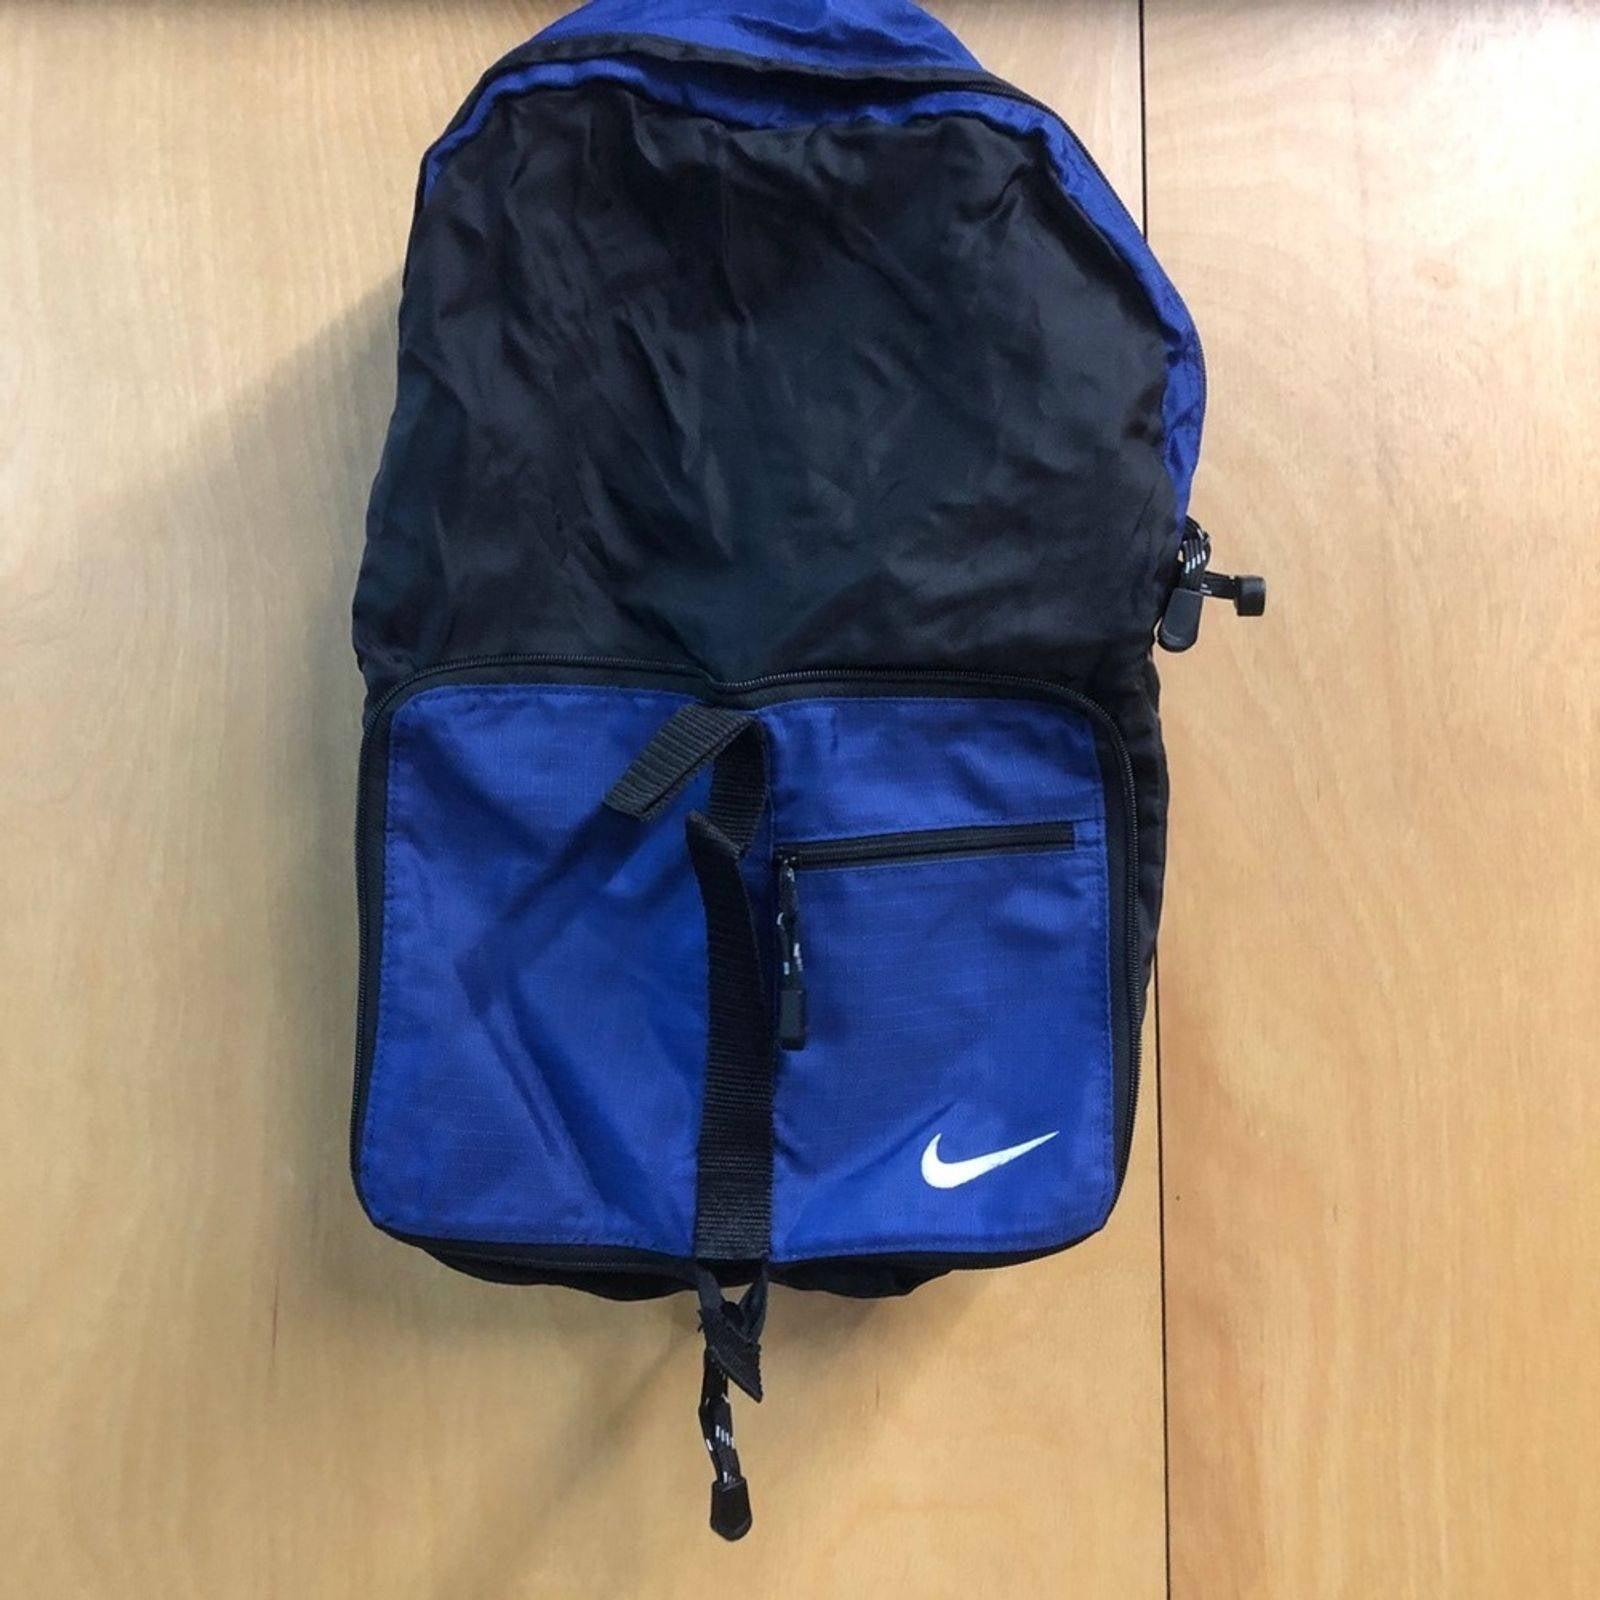 Nike Lightweight Packable Vinyl Backpack